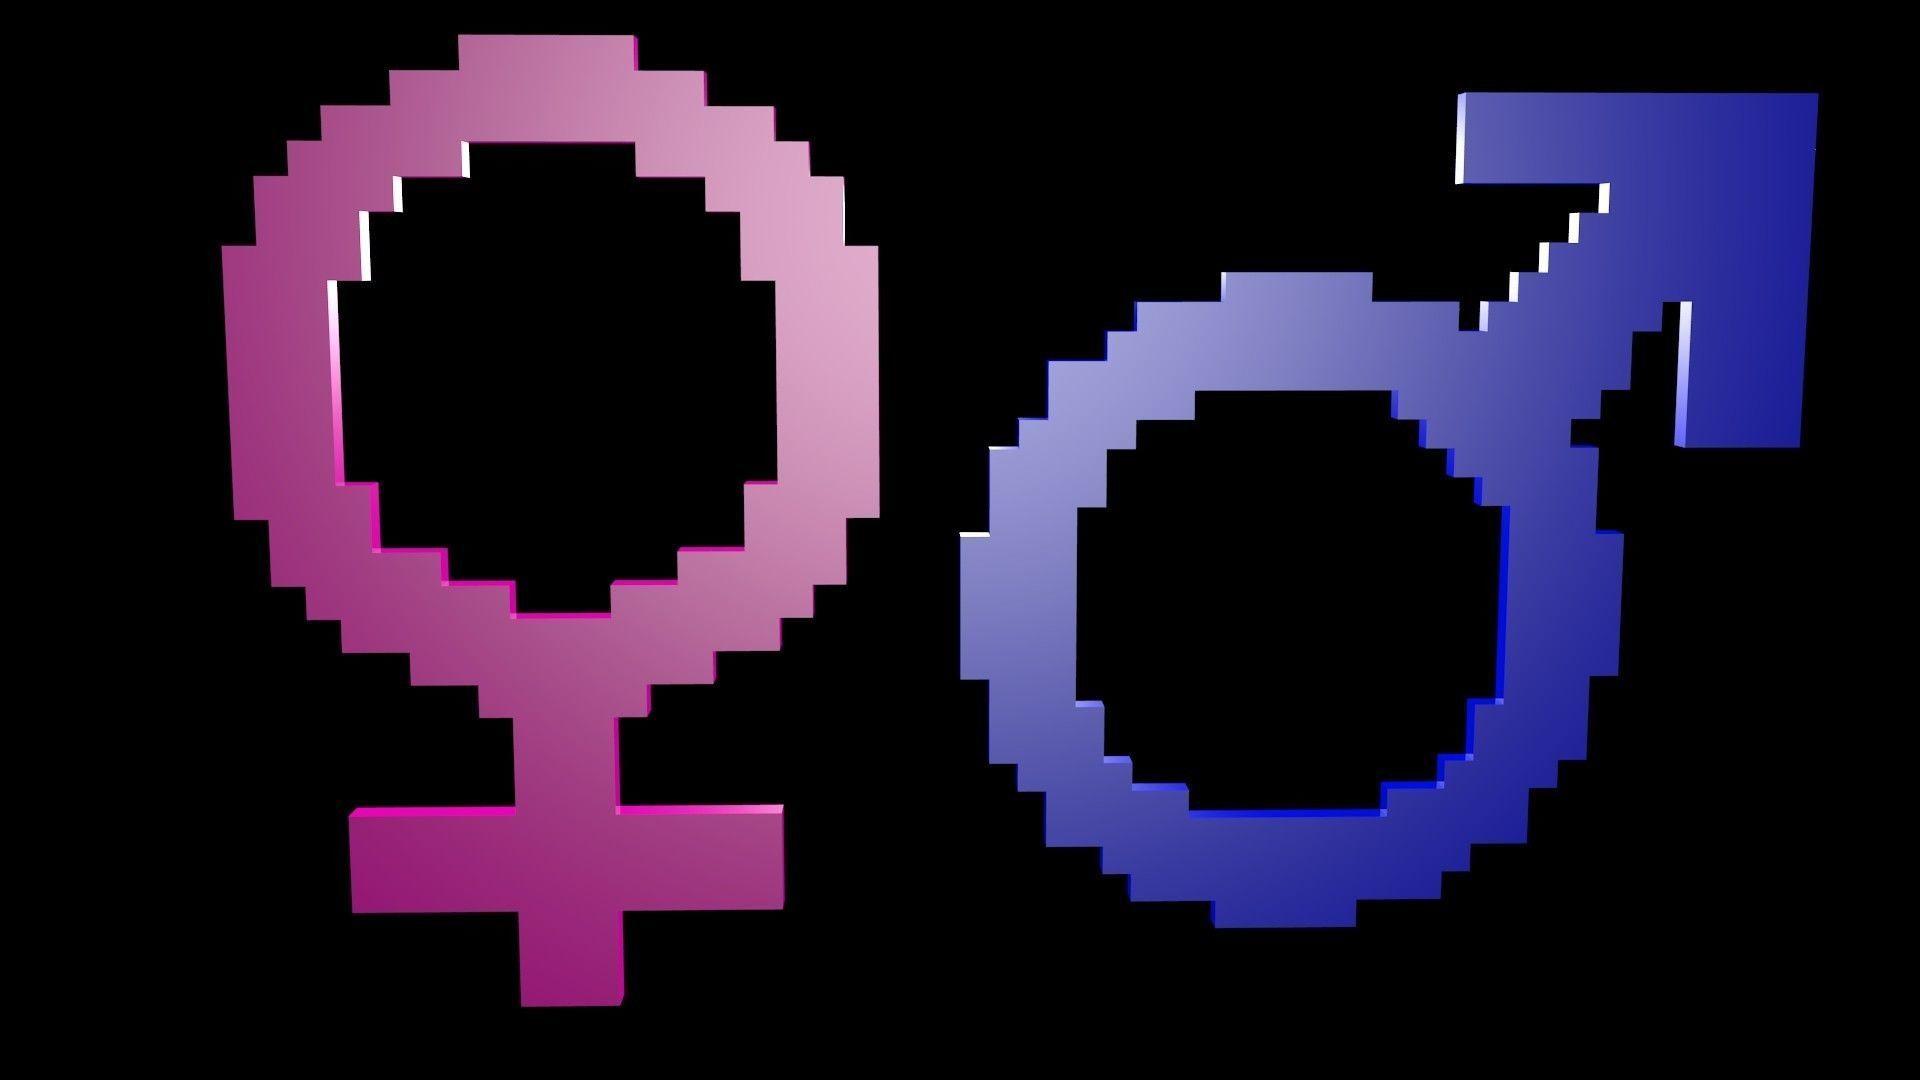 Symbols of gender voxel